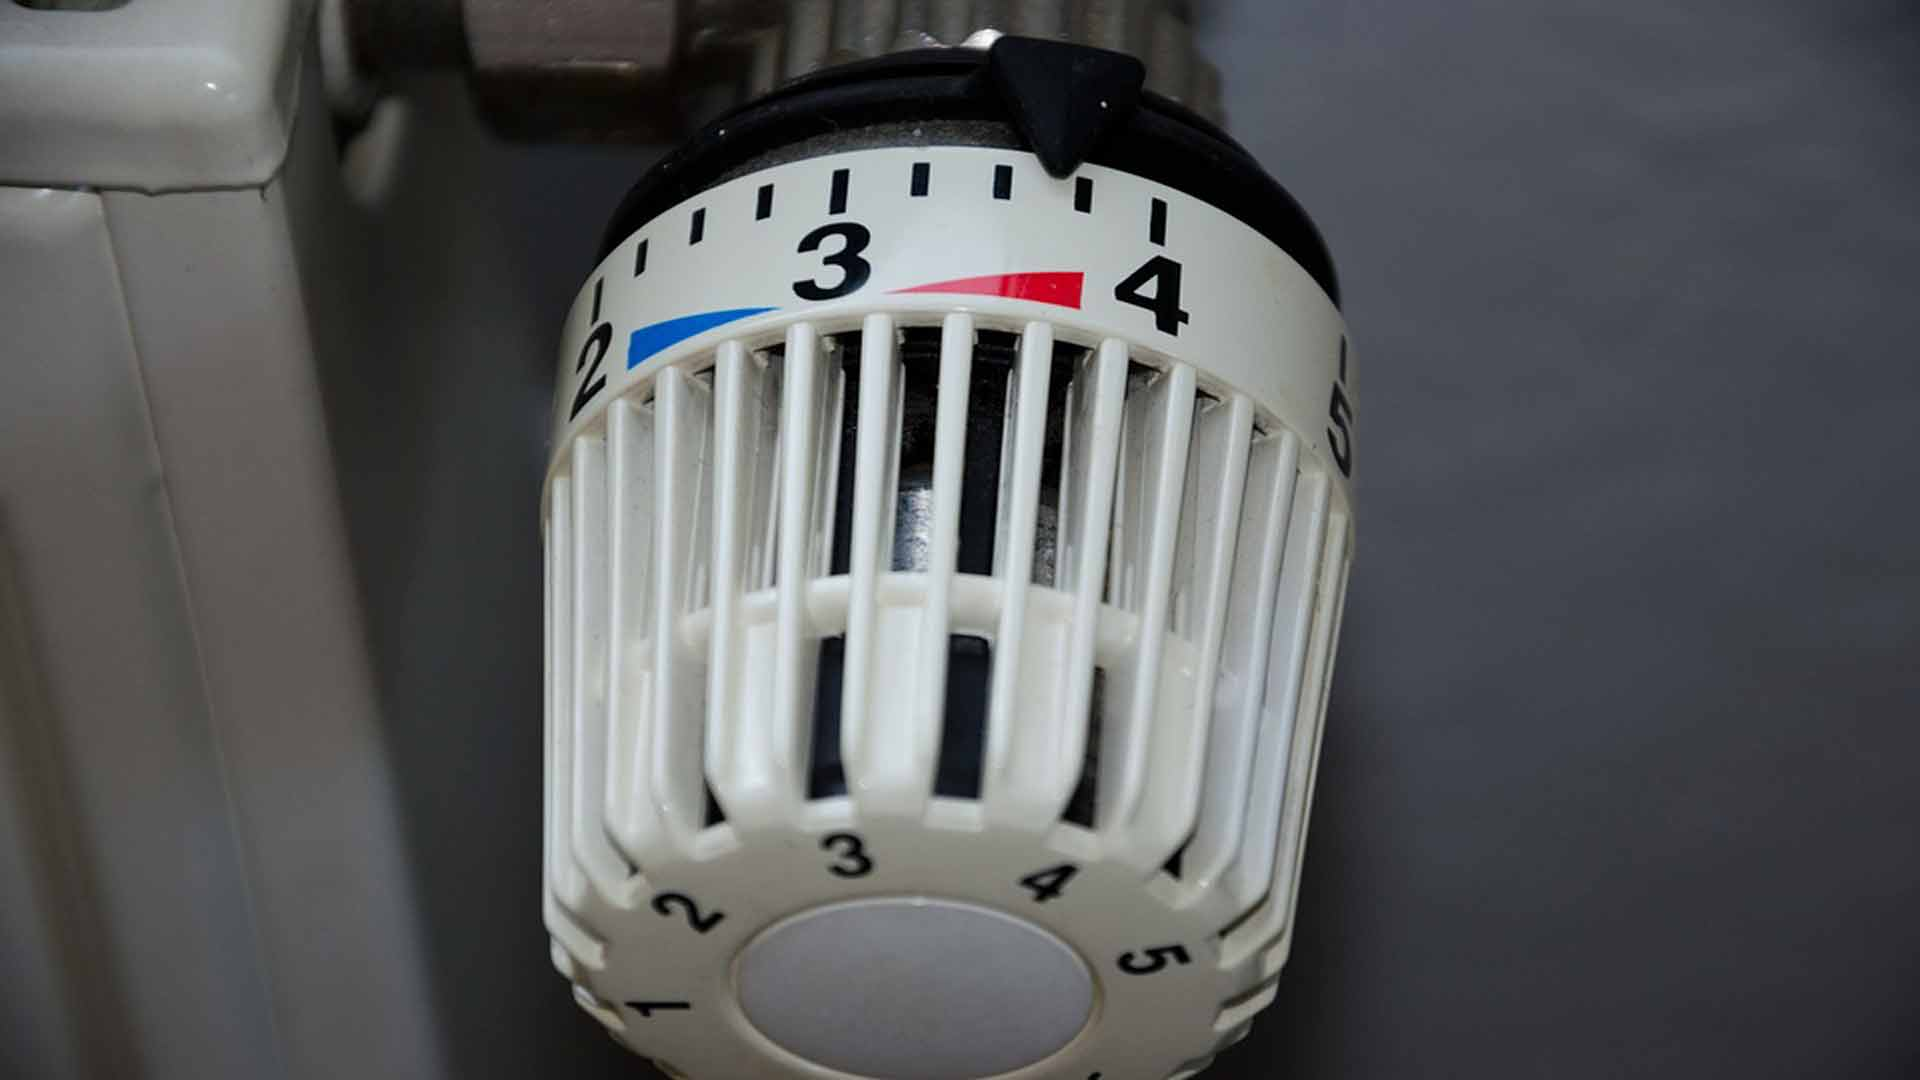 la-importancia-de-purgar-los-radiadores-1920